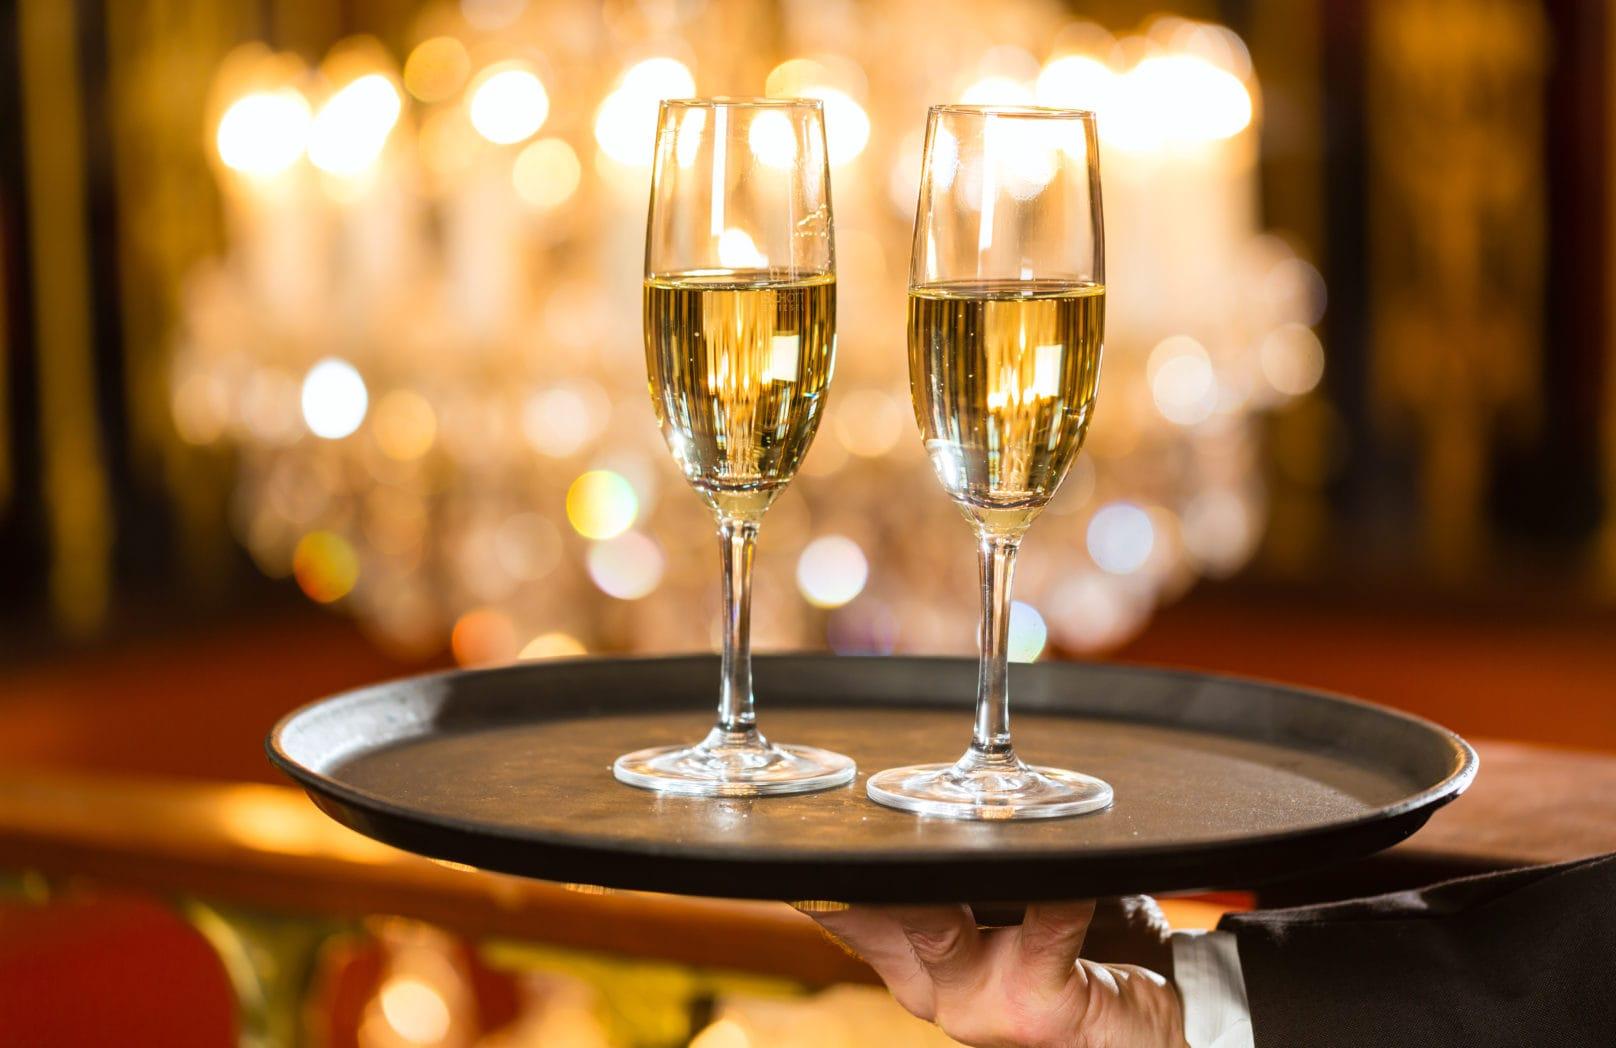 Gala Ball champagne setting